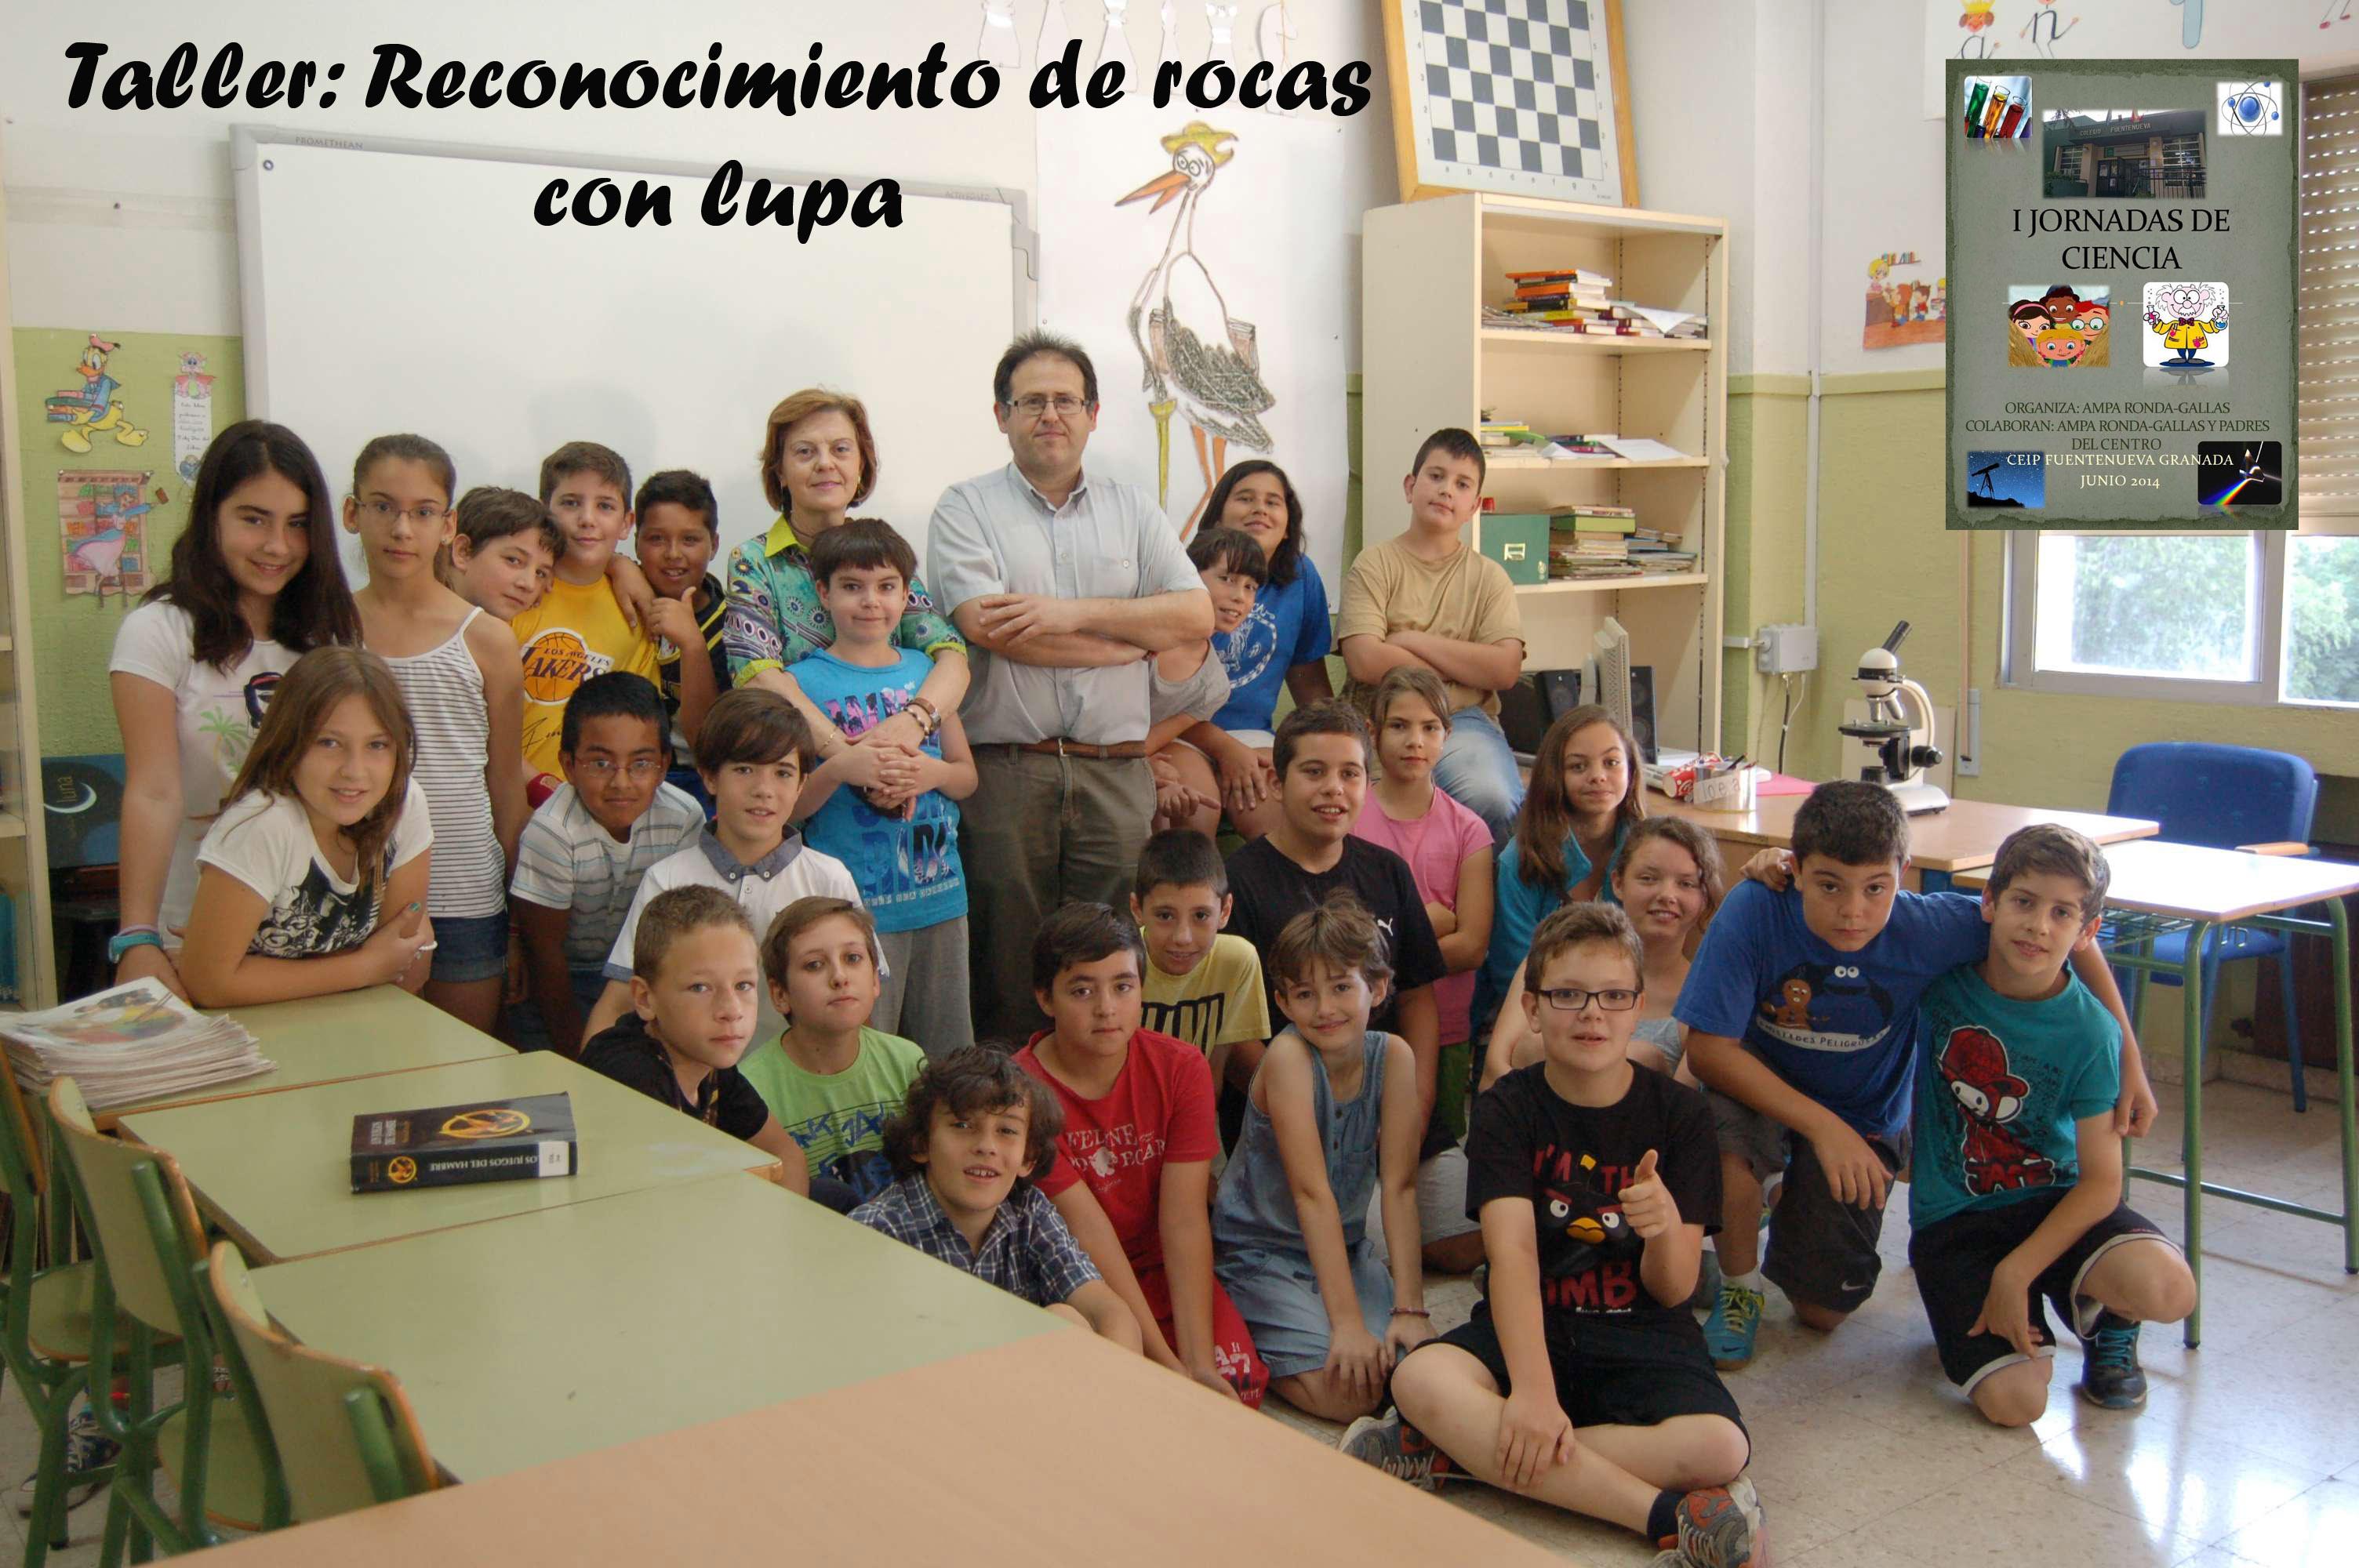 Reconocimiento_Rocas